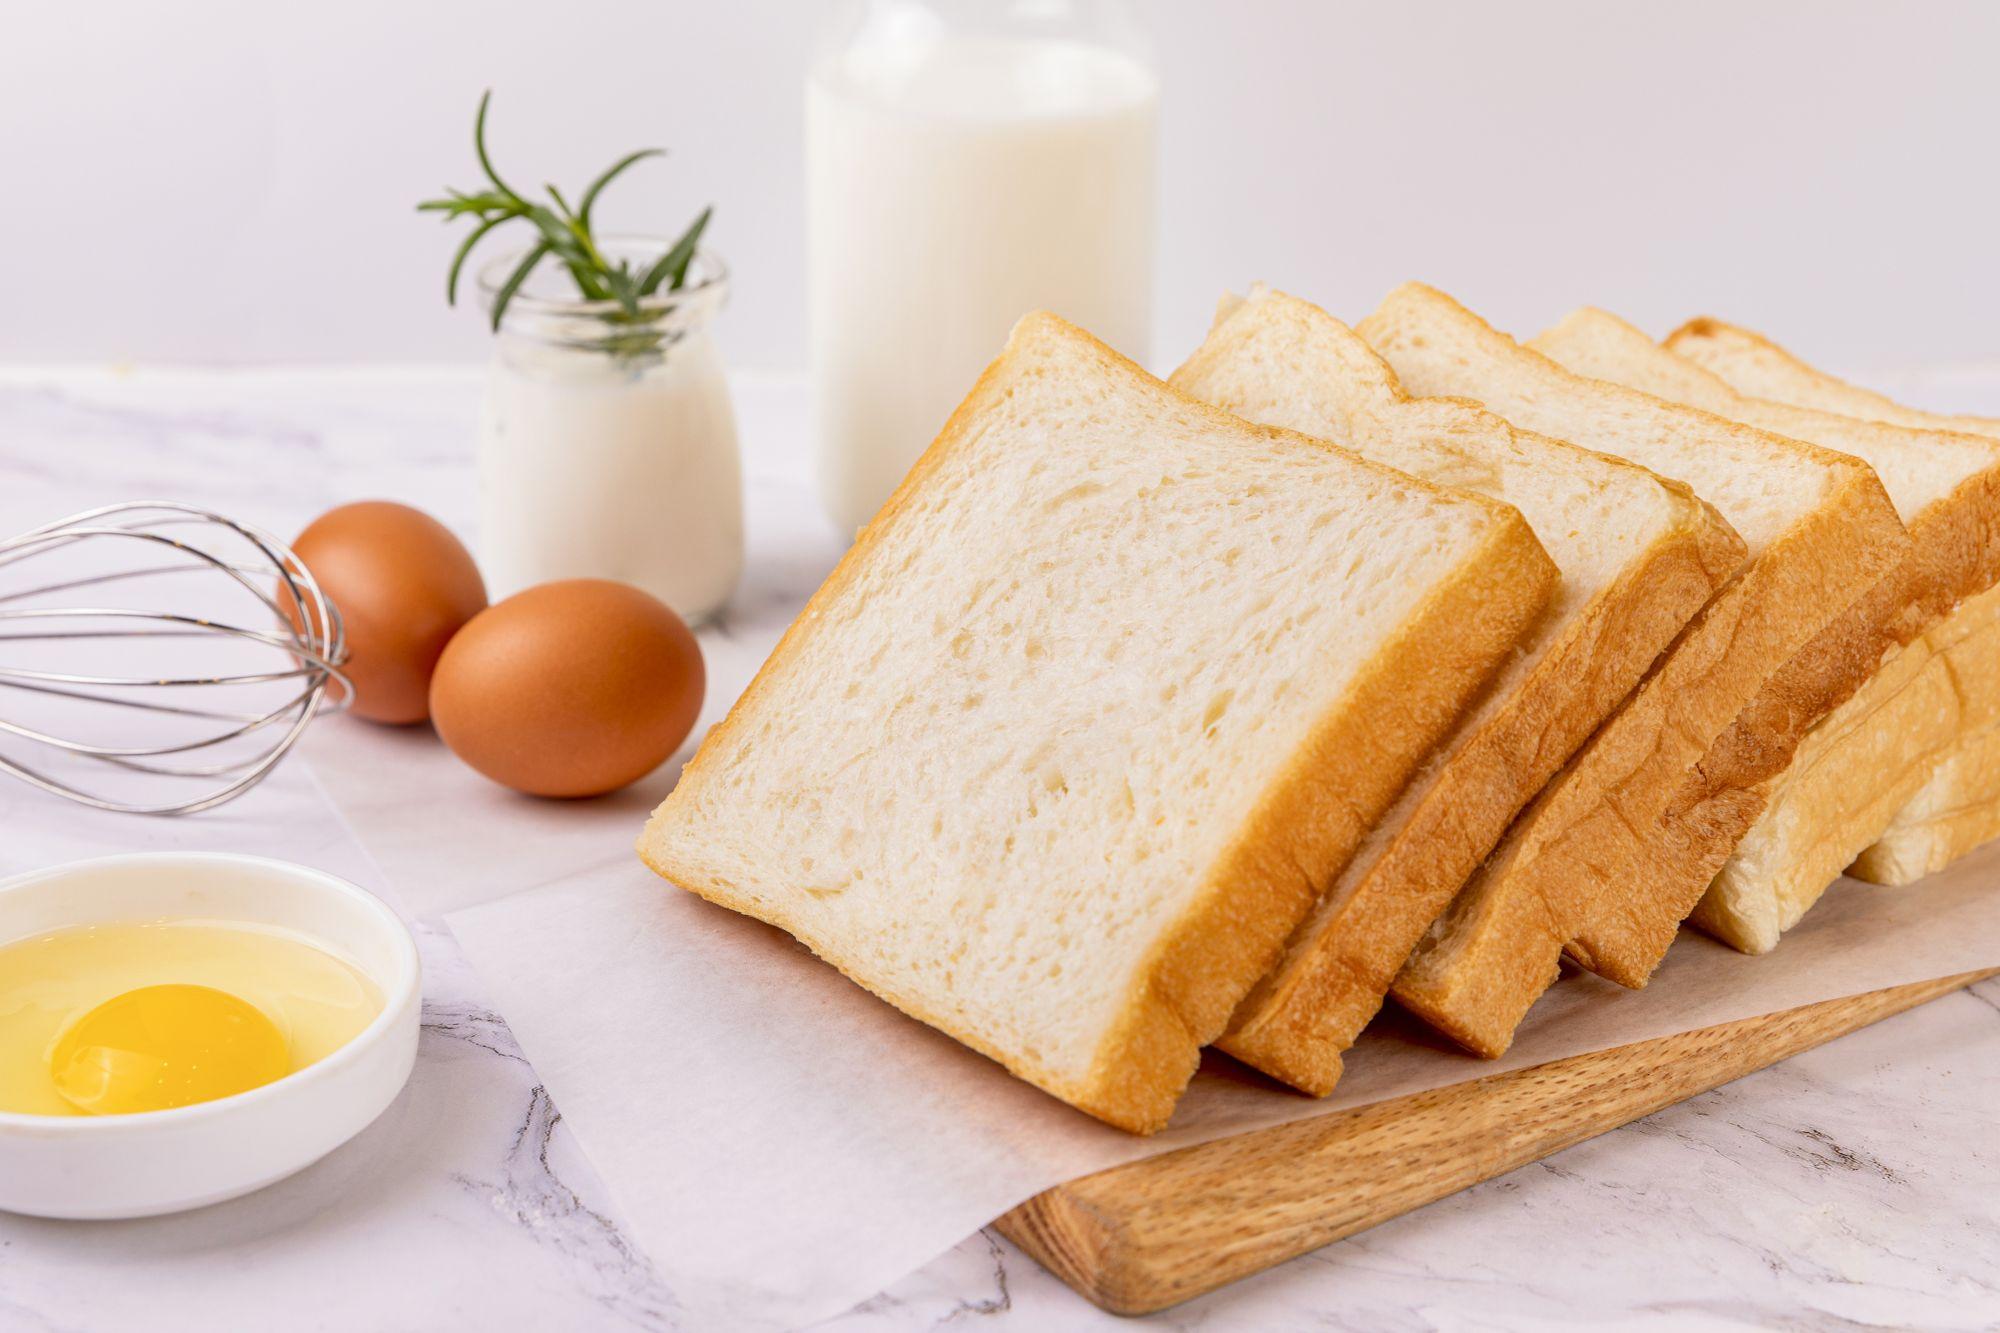 早餐营养充足,助孩子增强免疫力